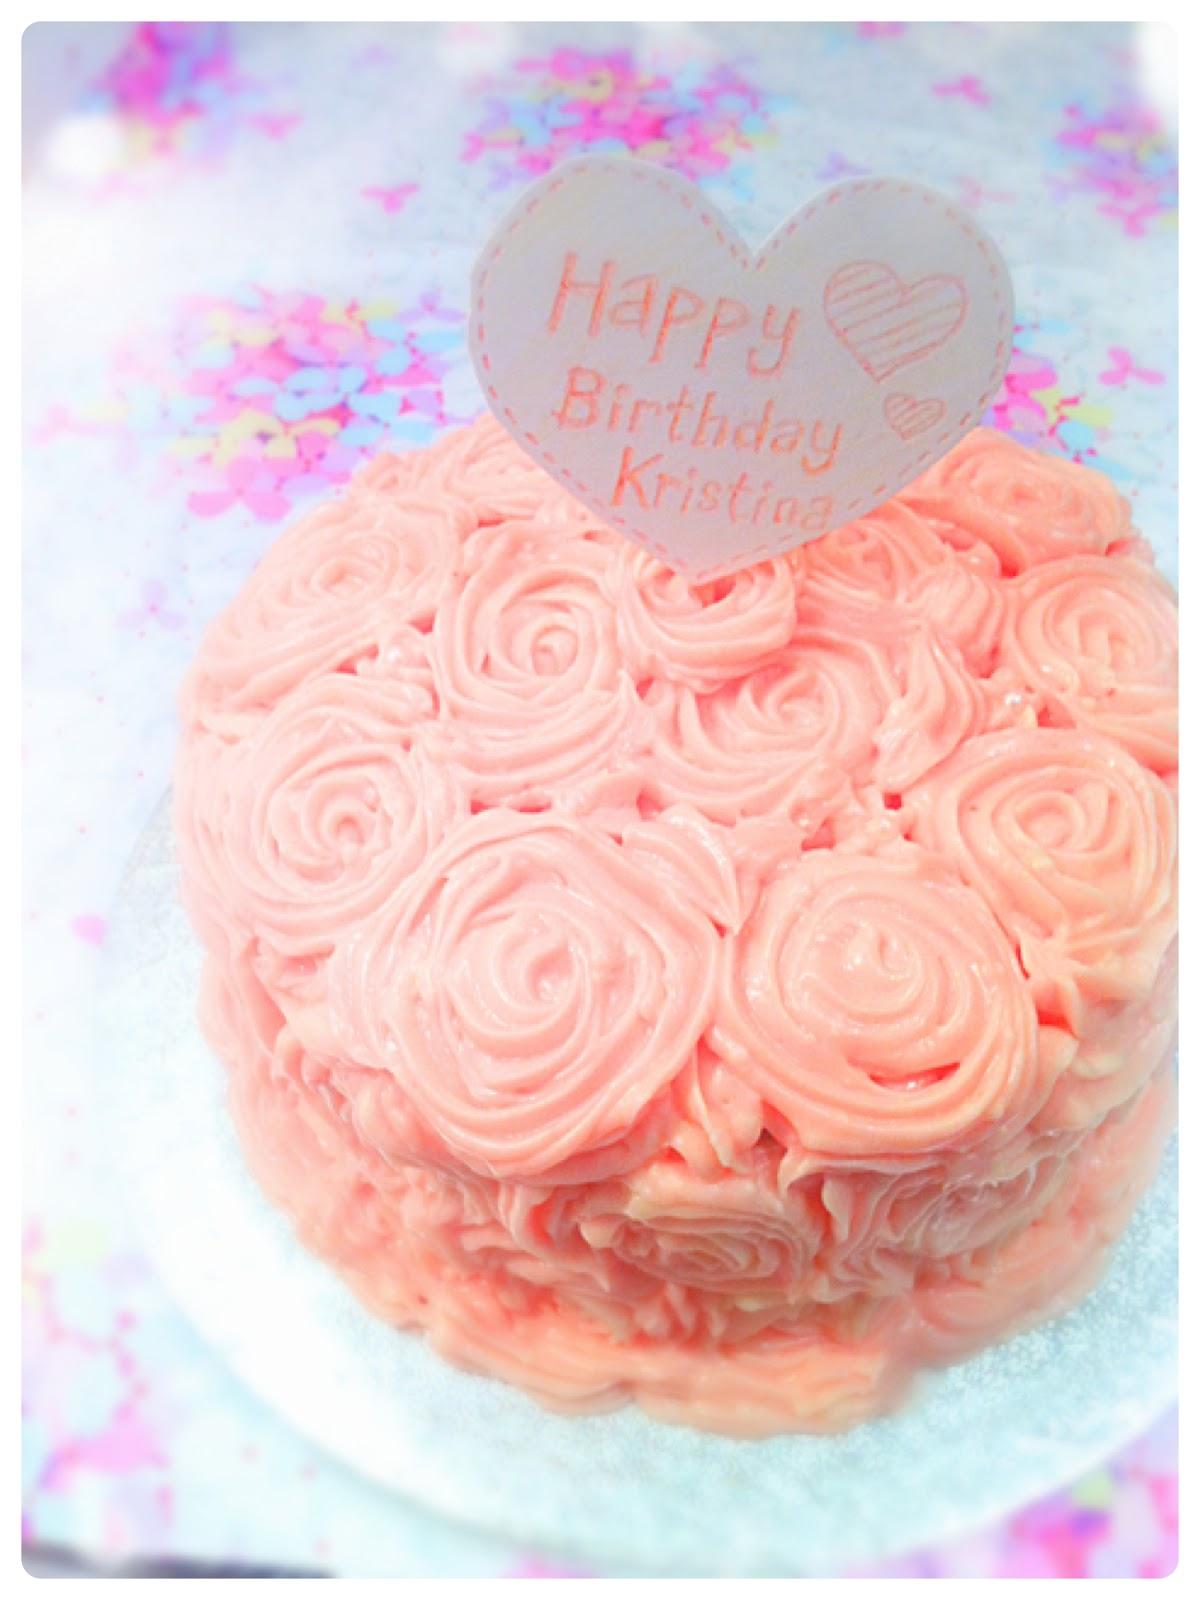 Red Velvet Piped Rose Birthday Cake London Cherie Kelly